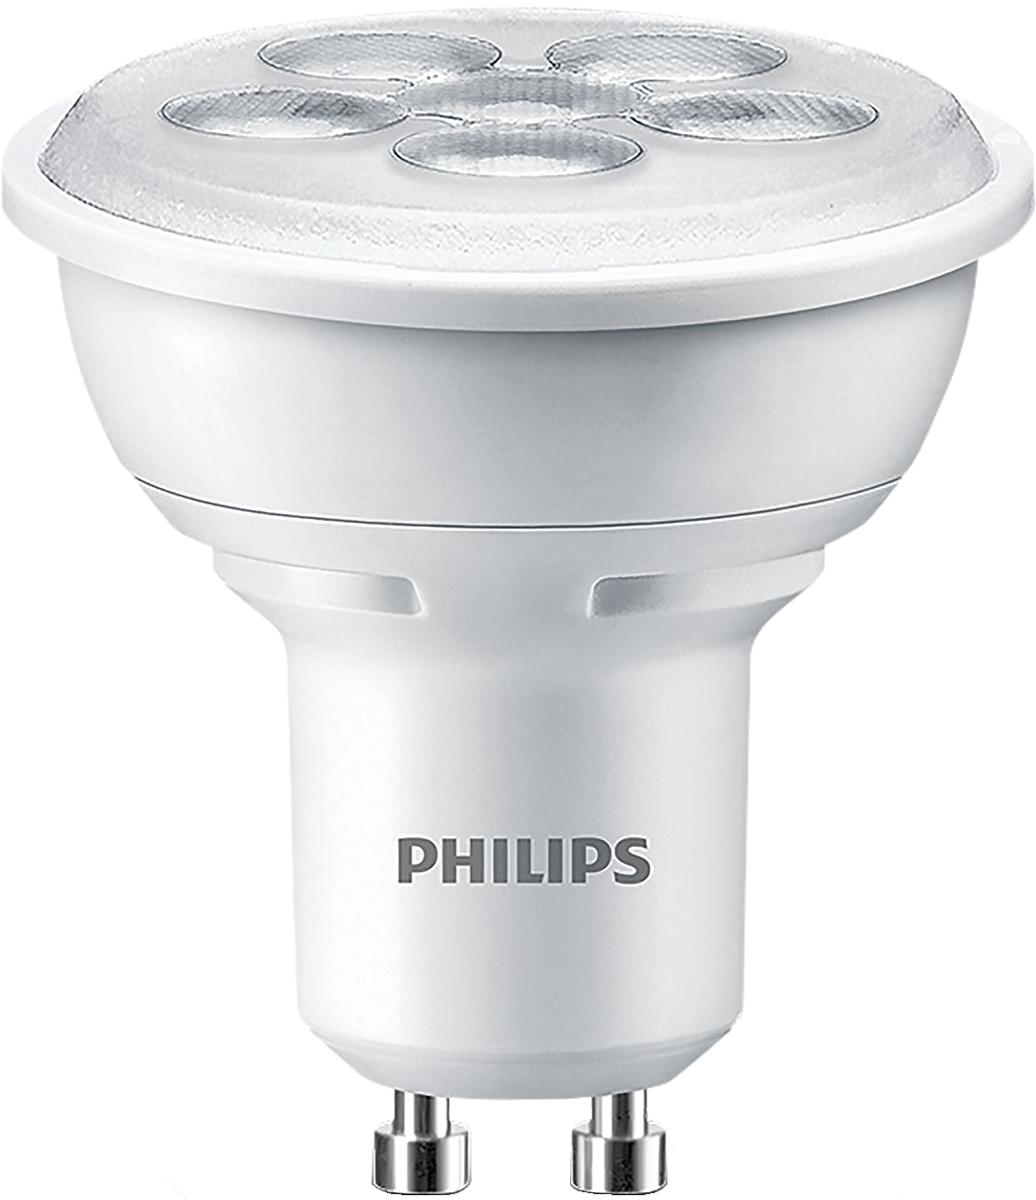 philips led reflektor 4 5 w g nstig kaufen gu10. Black Bedroom Furniture Sets. Home Design Ideas